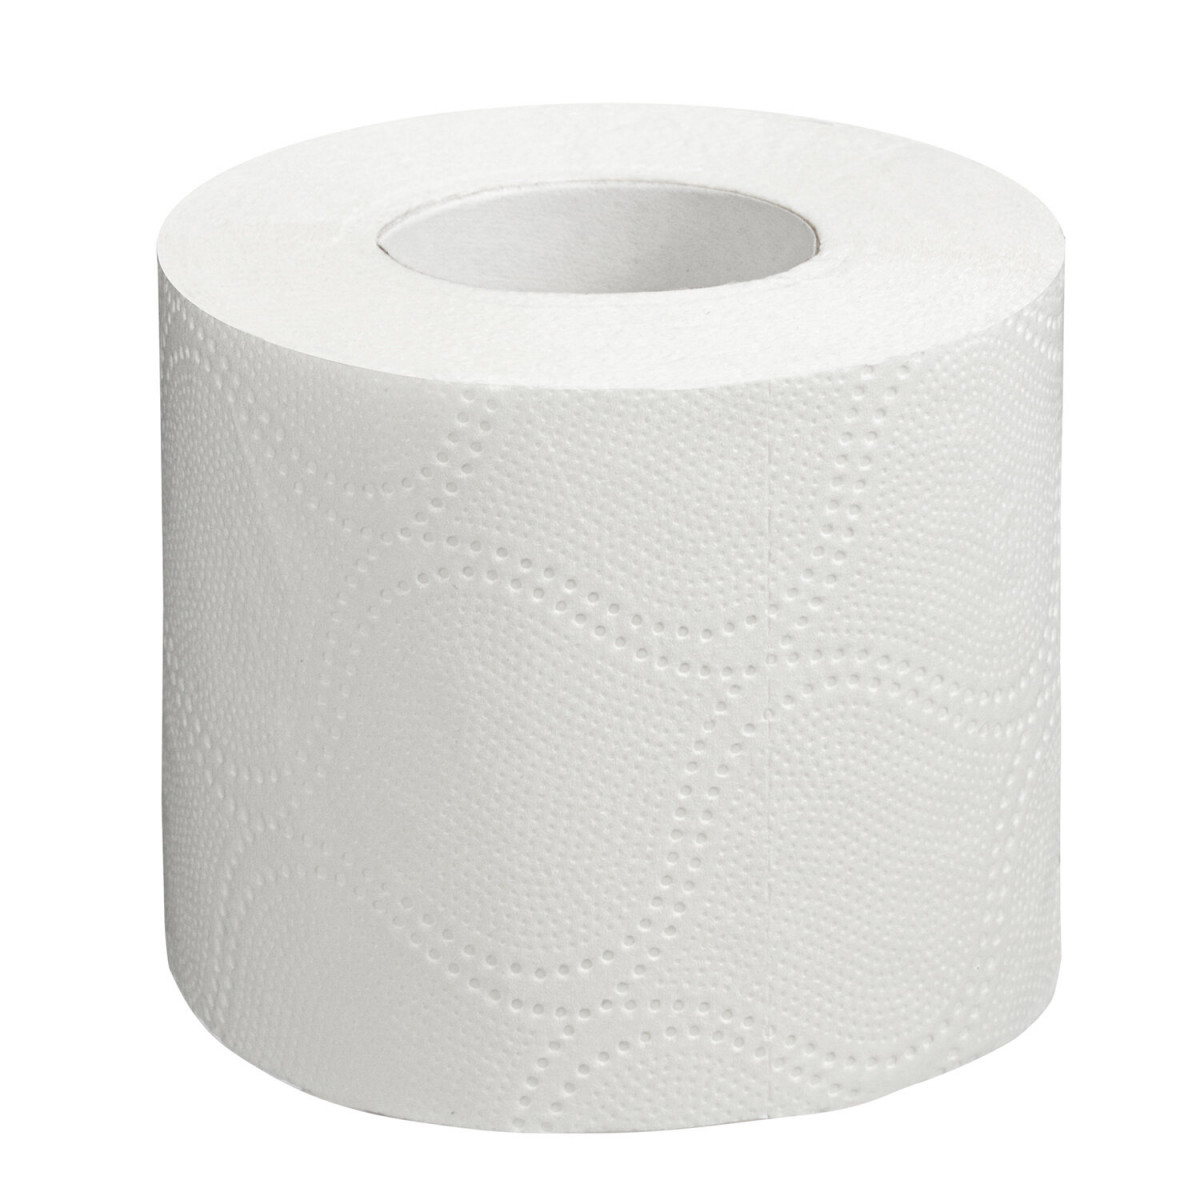 Бумага туалетная бытовая, спайка 12 шт., 2-х слойная, (12х18 м), LAIMA/ЛАЙМА, белая, 128718 (арт. 128718)